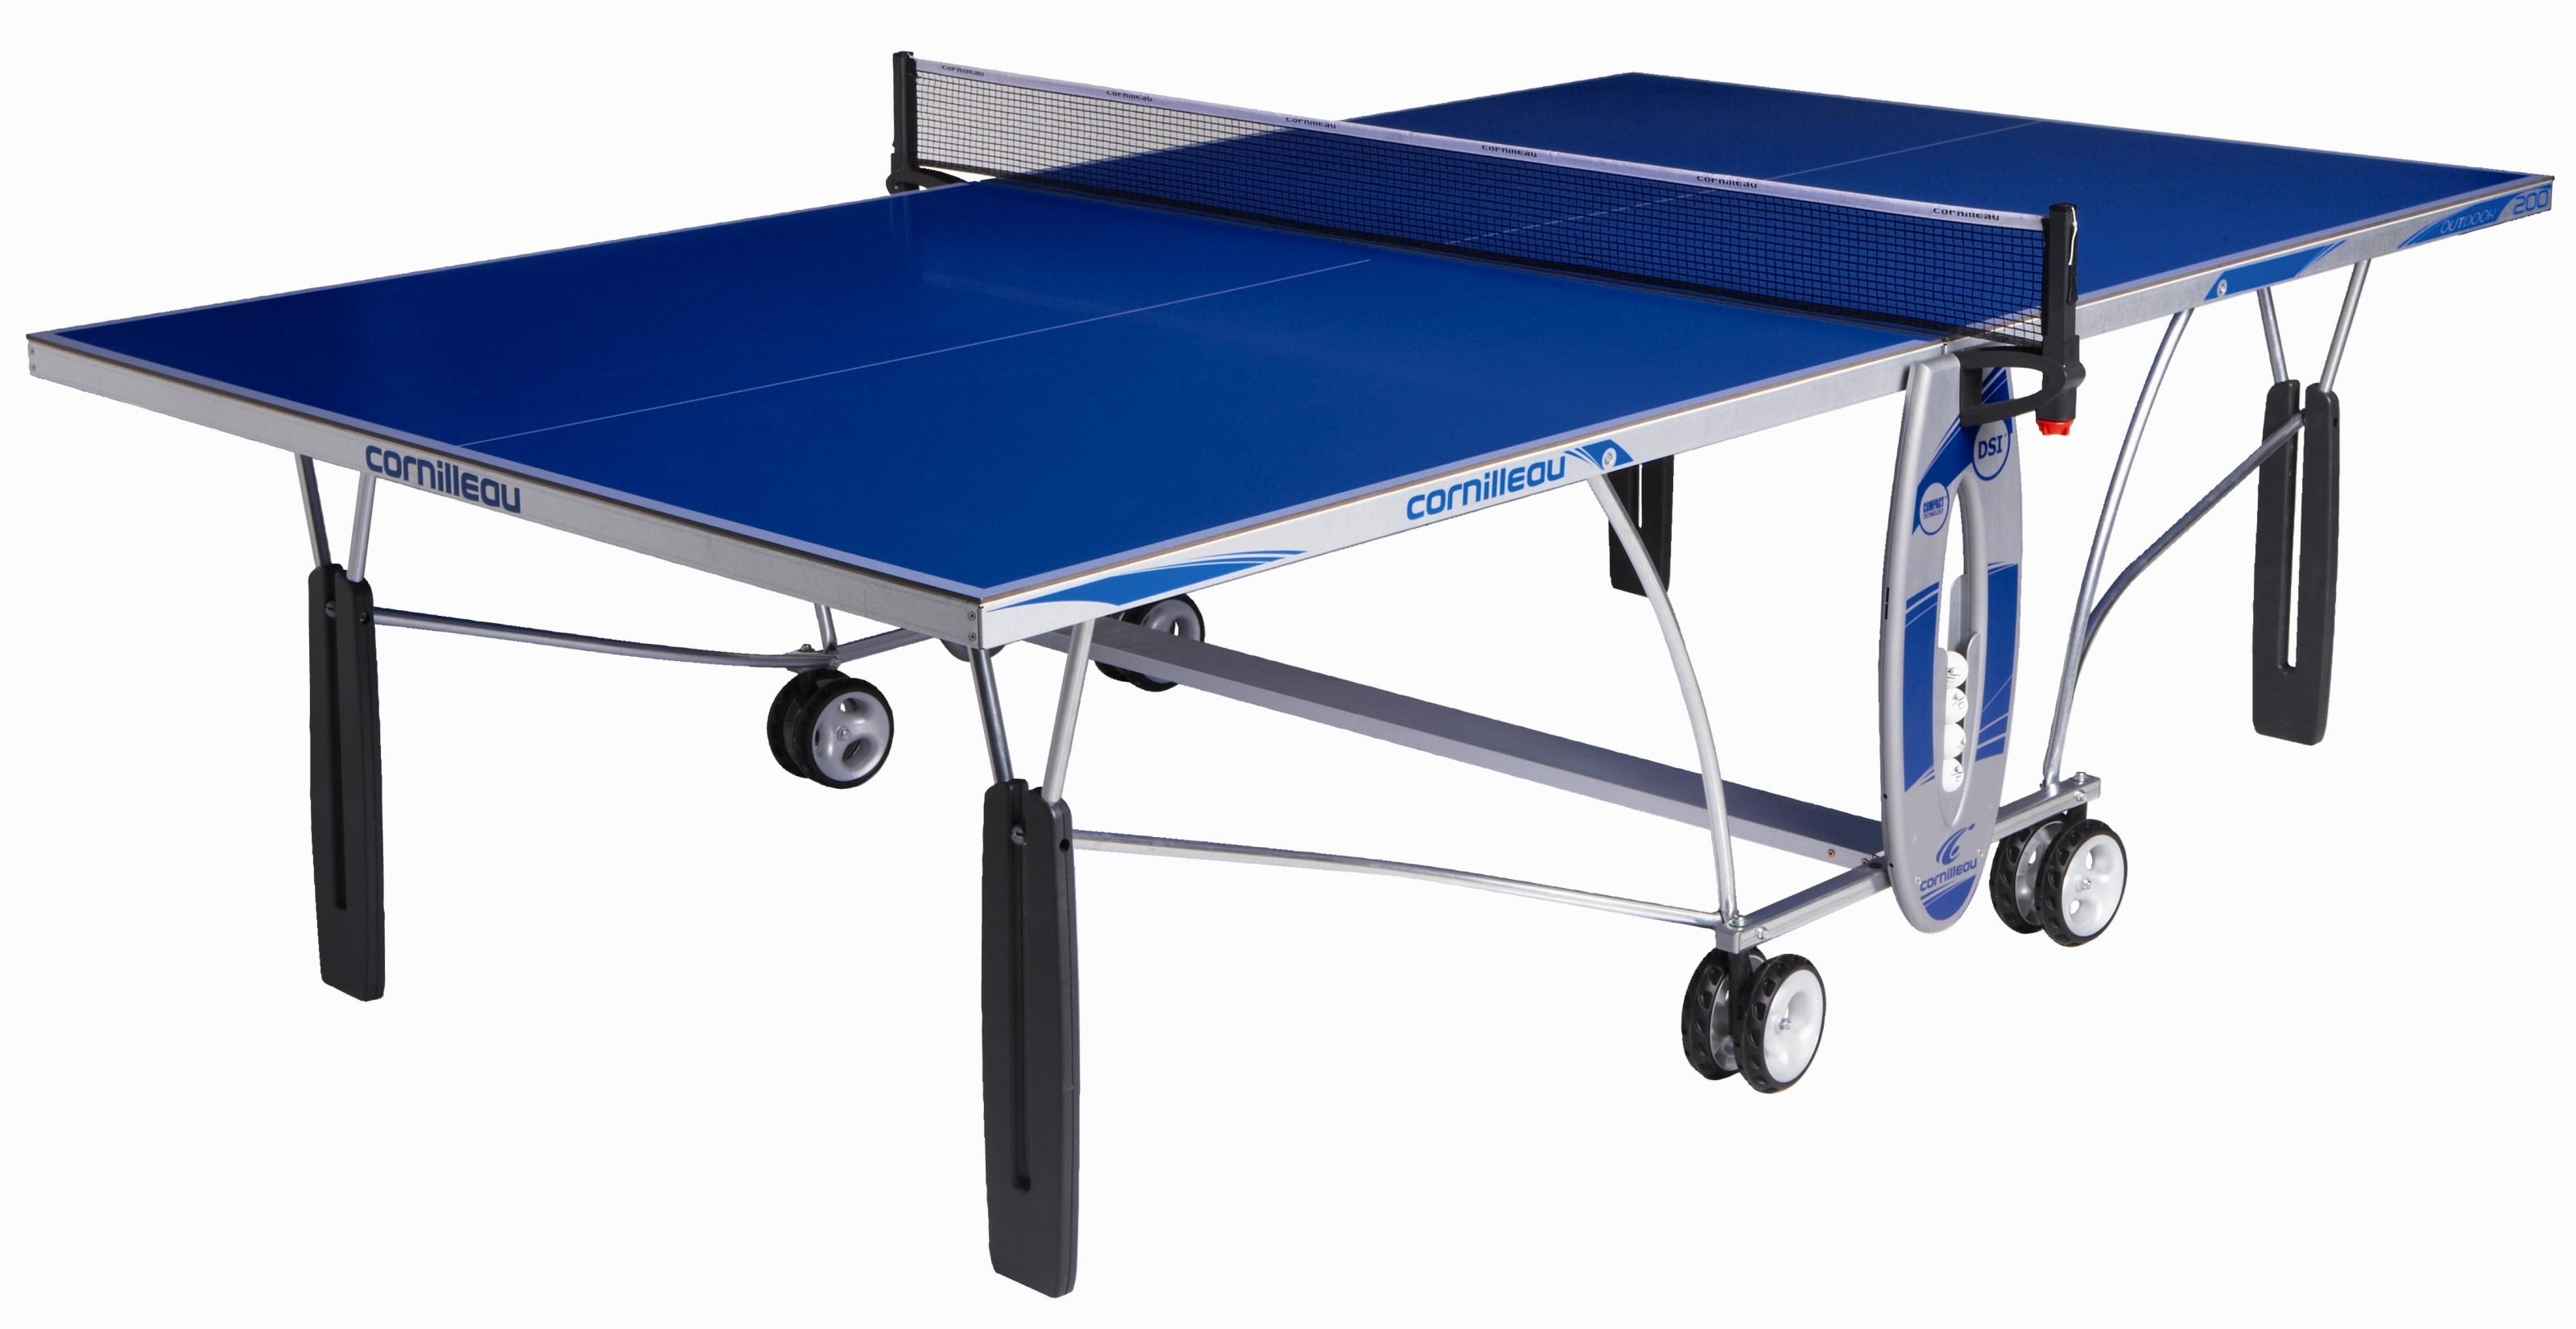 Cornilleau sport 200 s outdoor - Classement individuel tennis de table ...